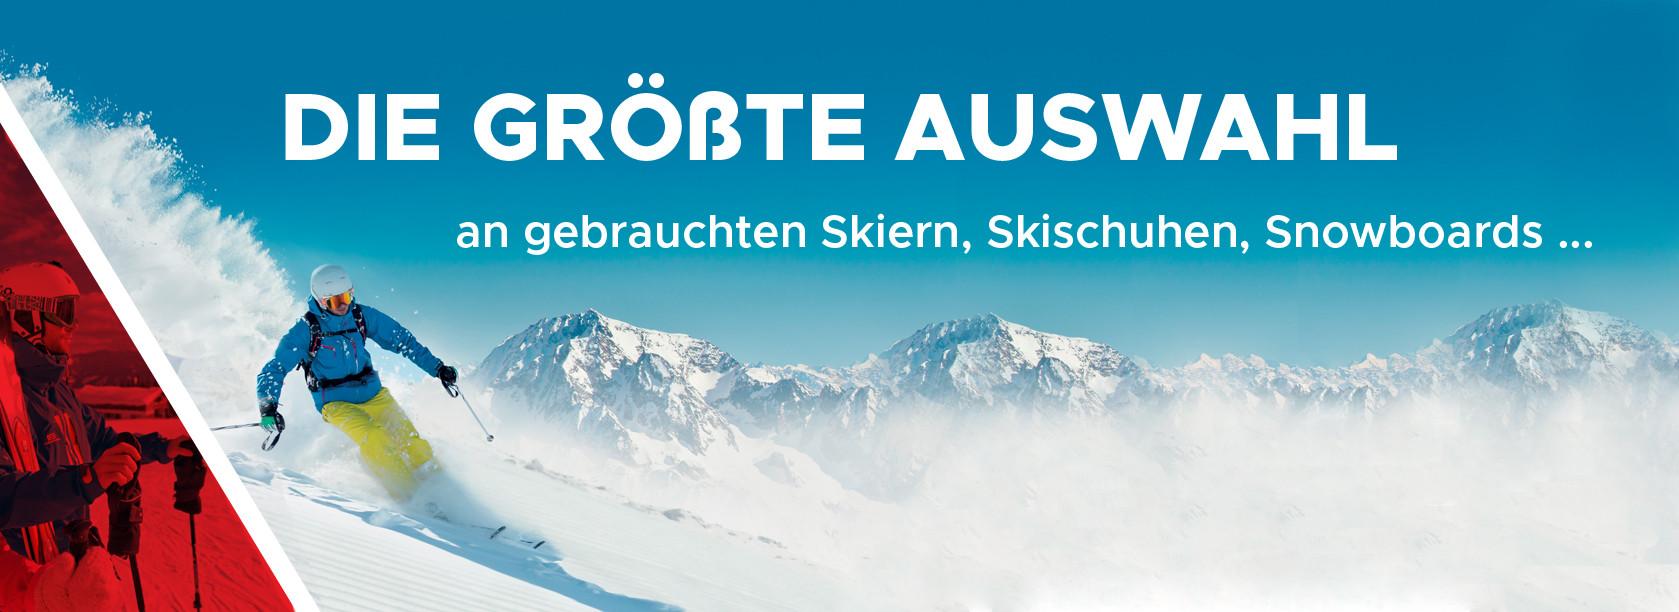 an gebrauchten Skiern, Skishuhen, Snowboards...